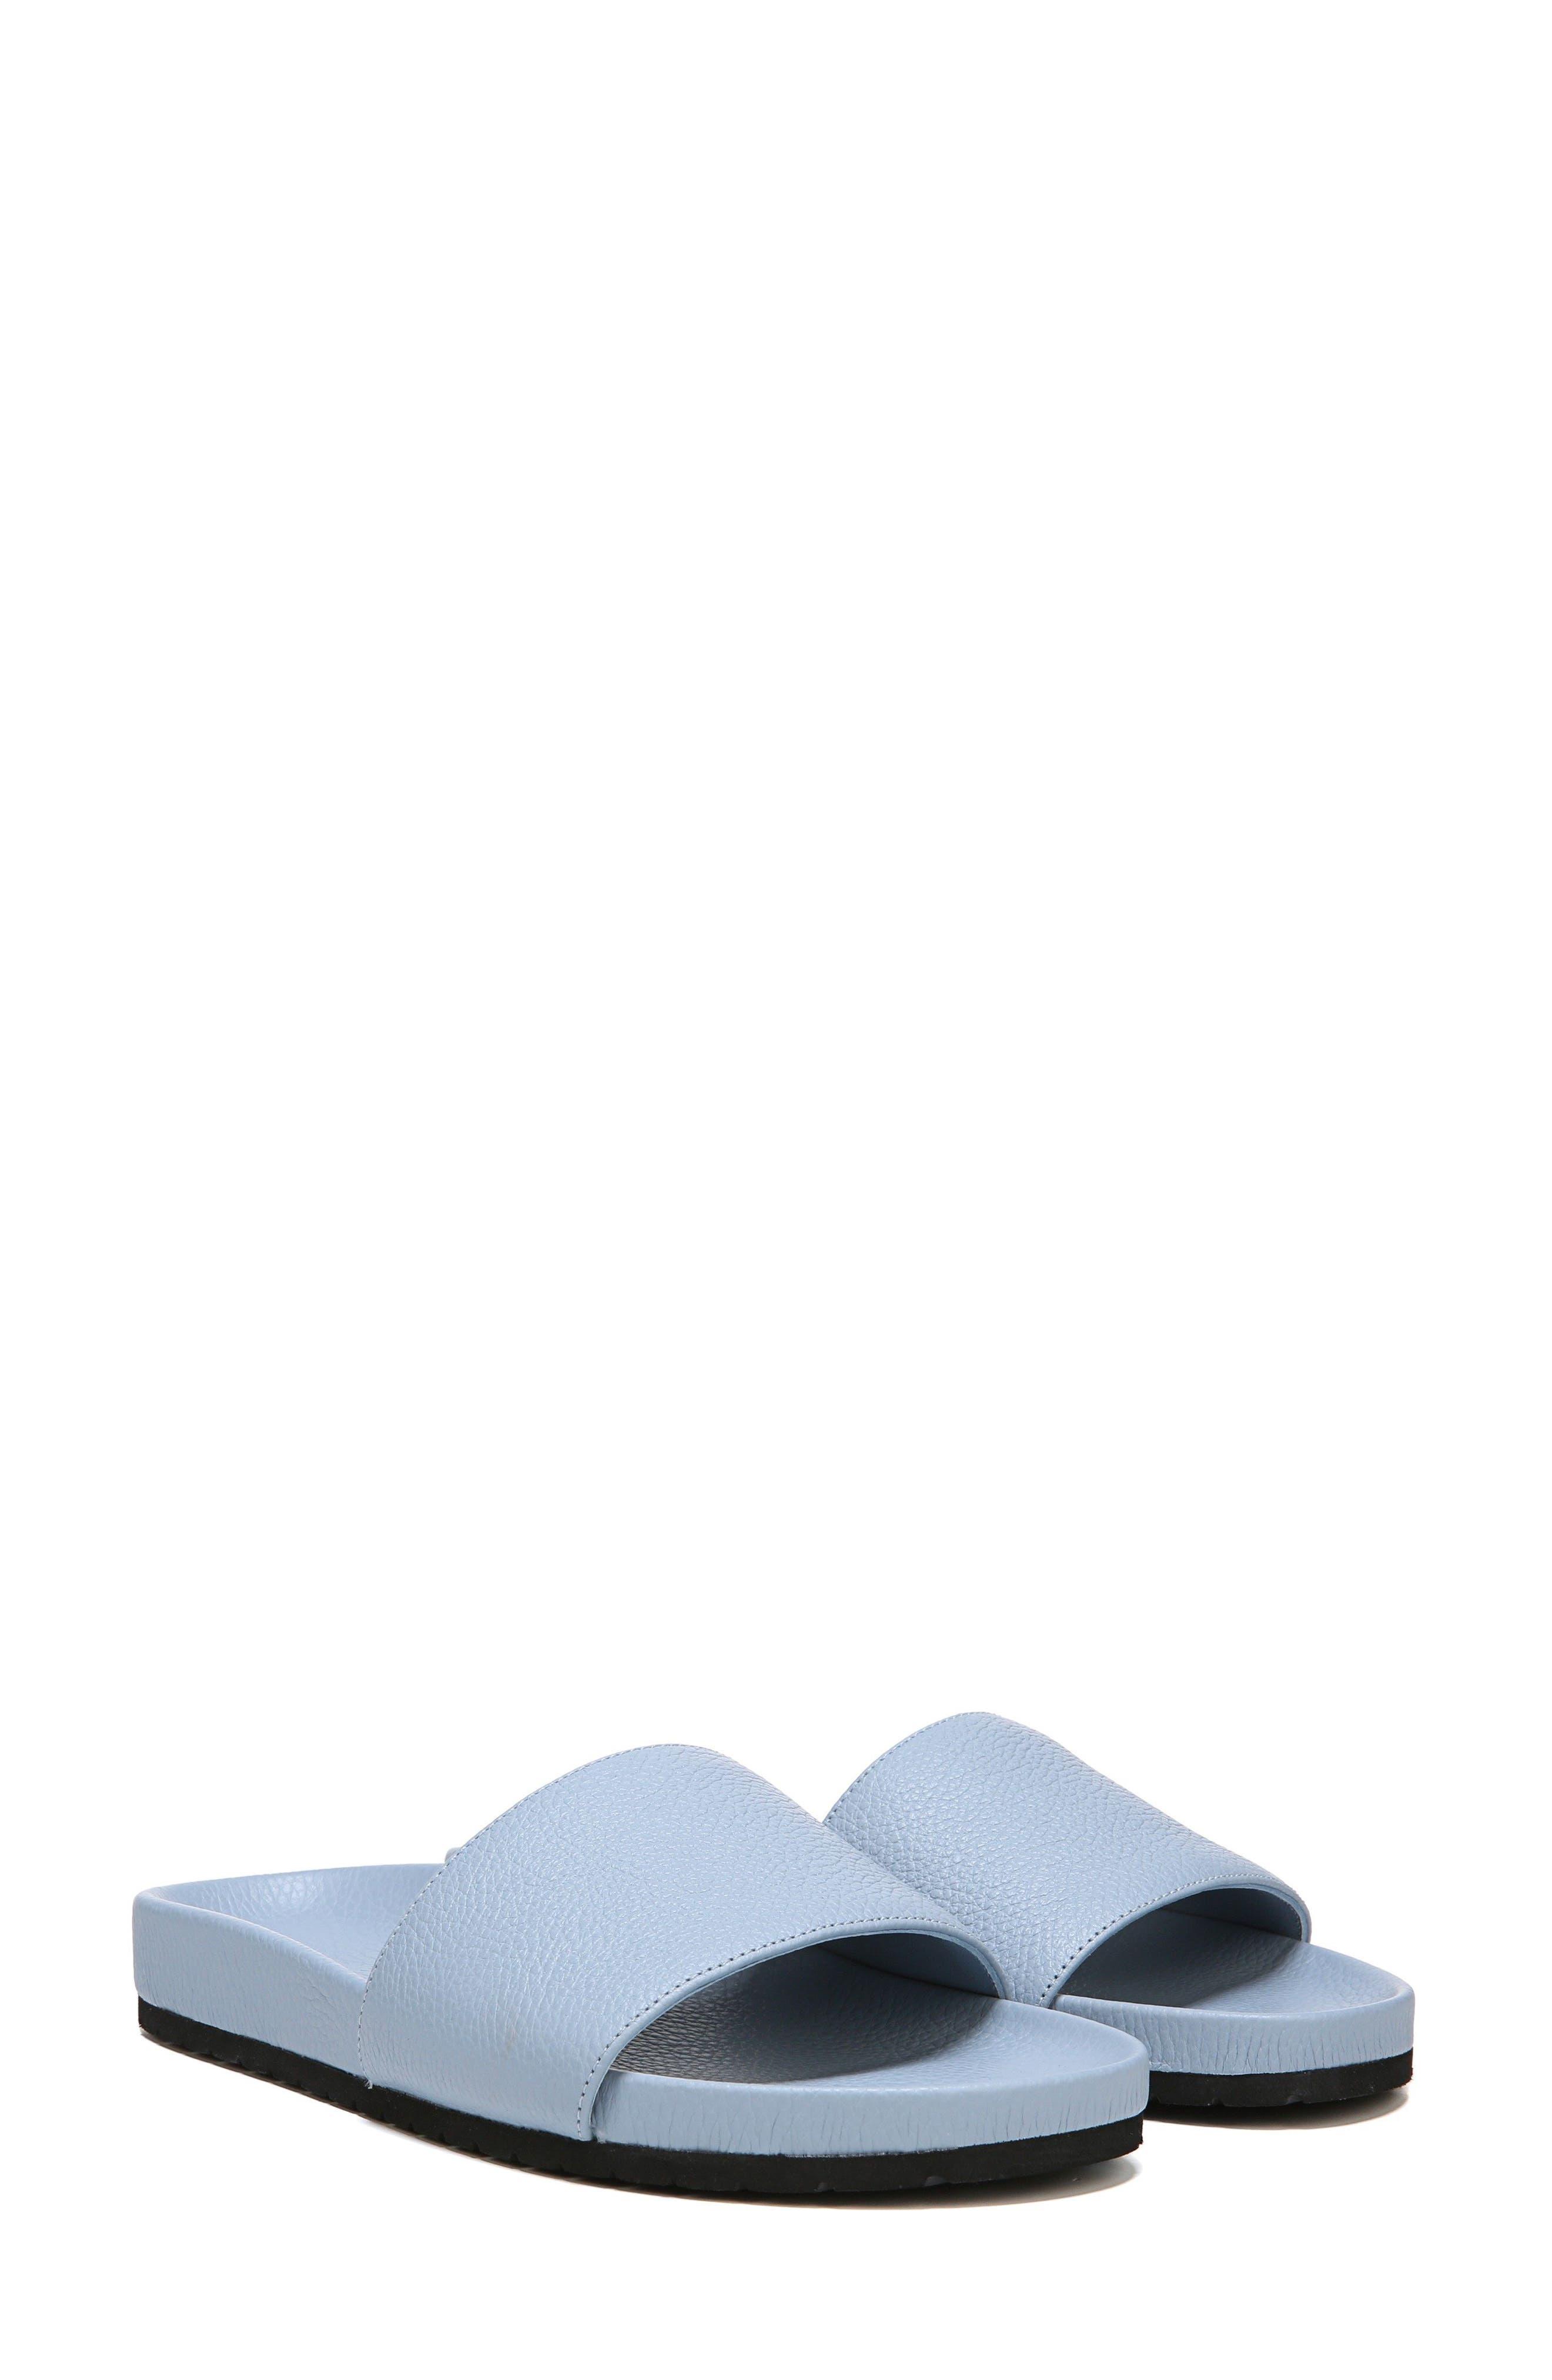 Gavin Slide Sandal,                             Alternate thumbnail 8, color,                             405